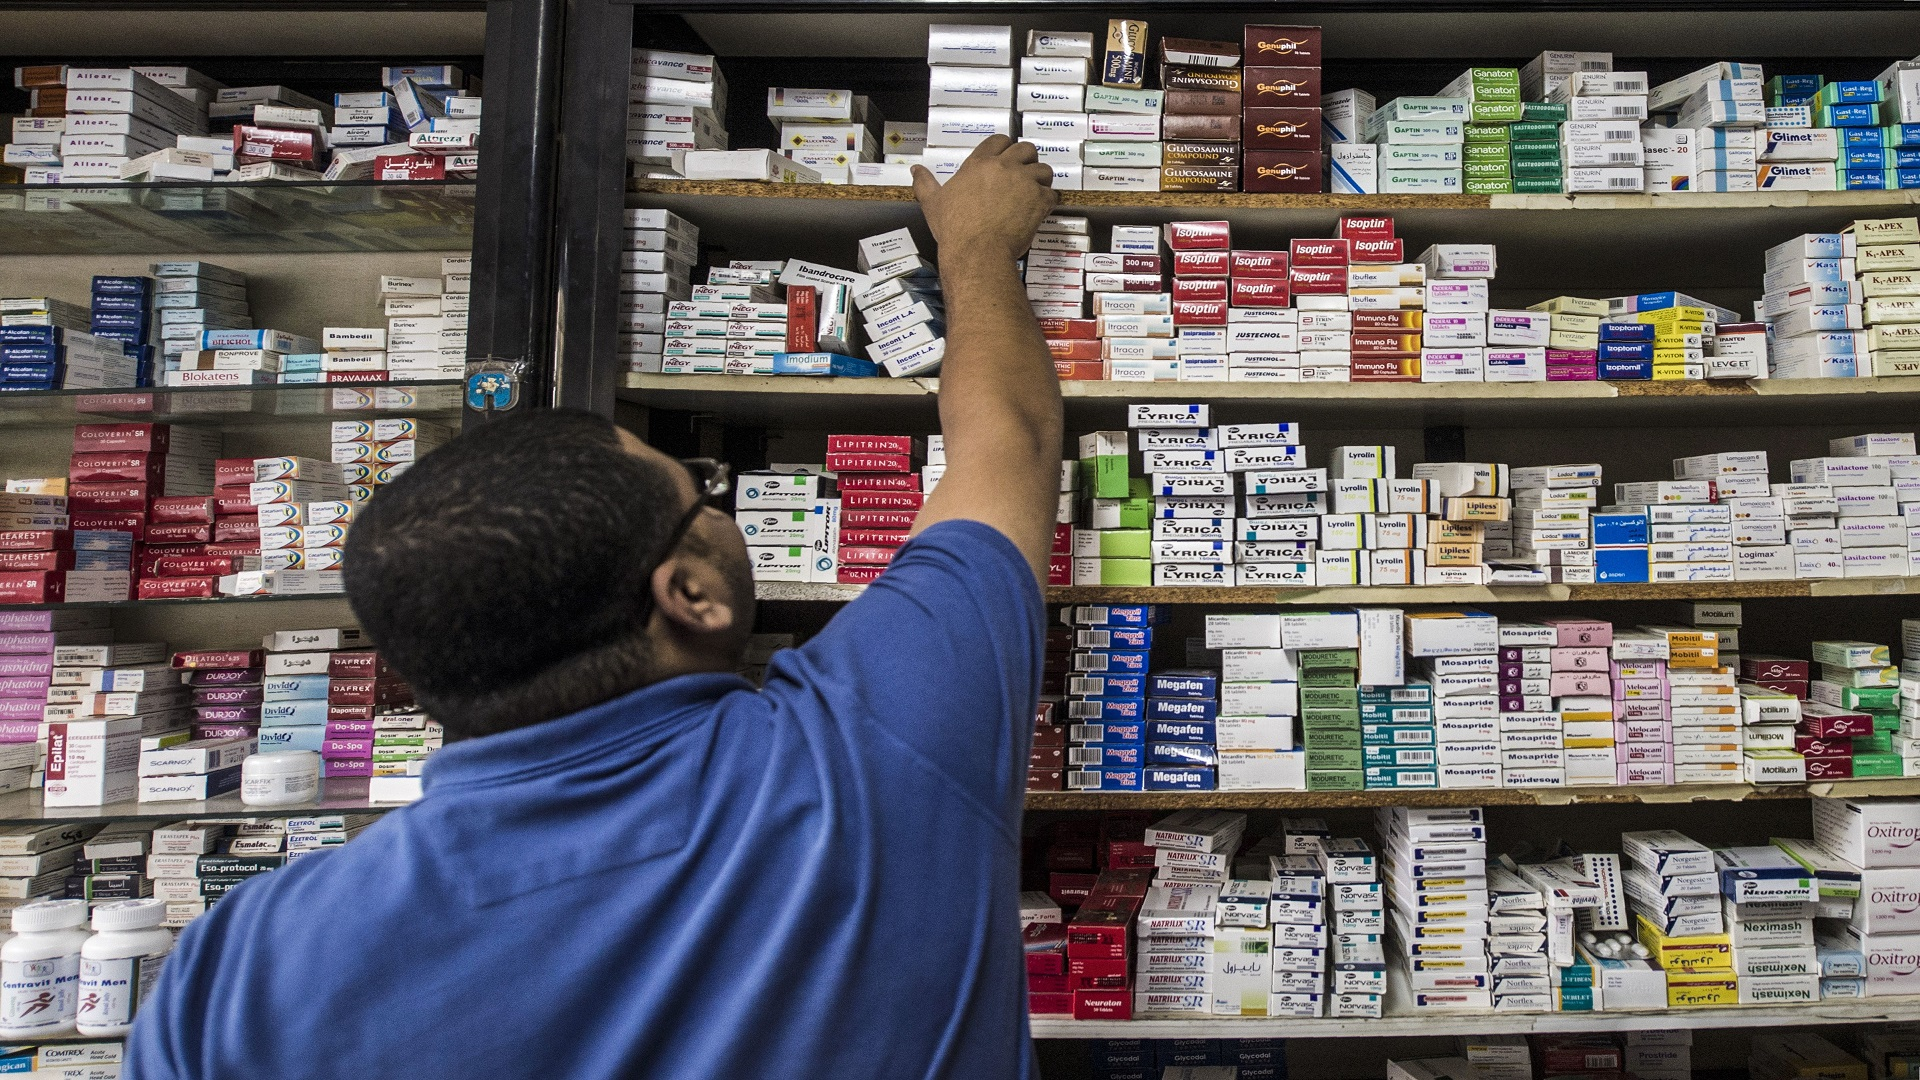 صيادلة مصر غاضبون من توزيع أدوية كورونا بـ الكوتة